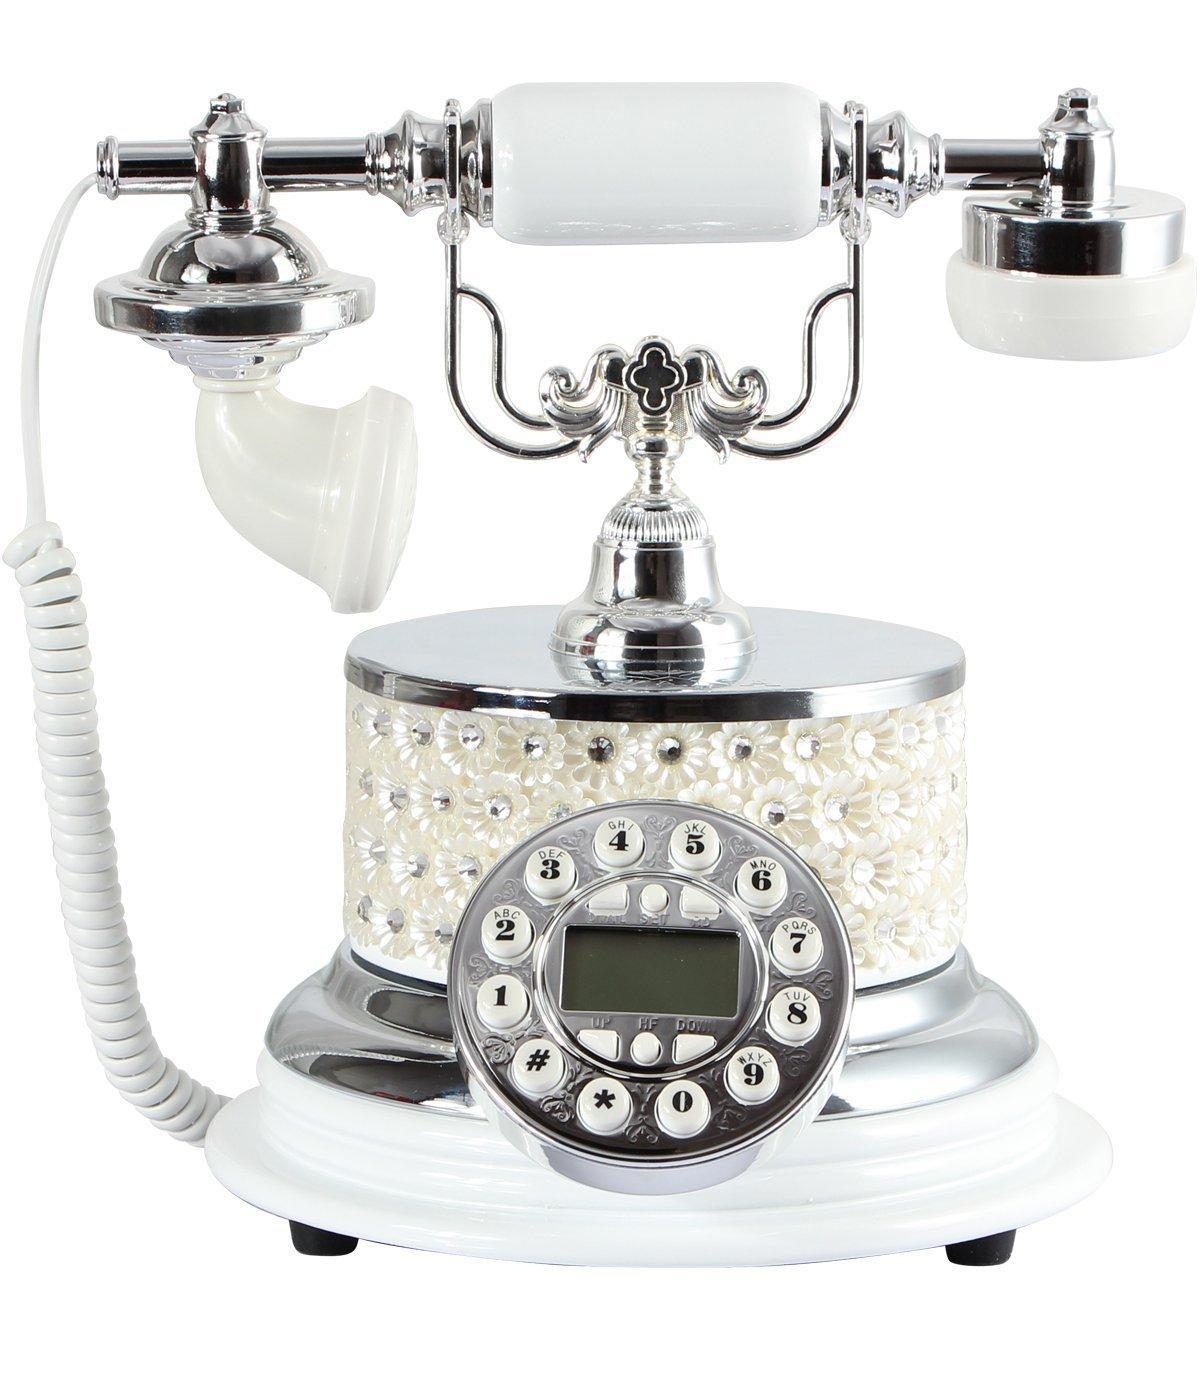 Old fashioned landline phones for sale 6